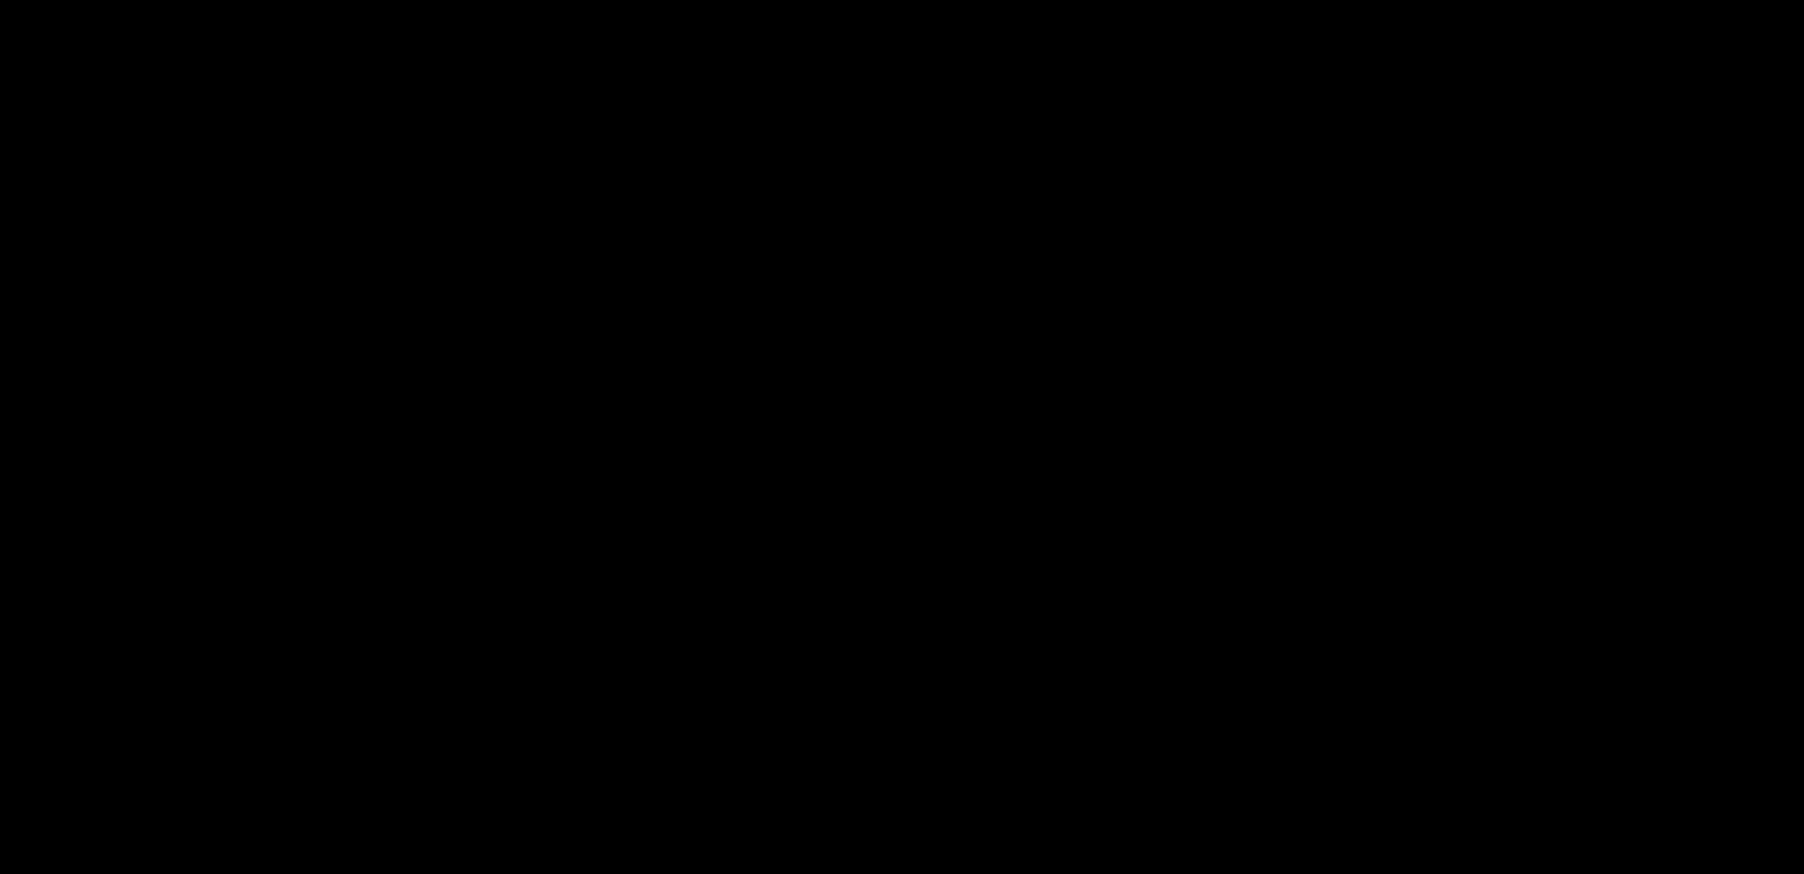 2-(Aminomethyl)-N-[[4-[(2-azanyl-7H-purin-6-yl)oxymethyl]phenyl]methyl]pyridine-4-carboxamide